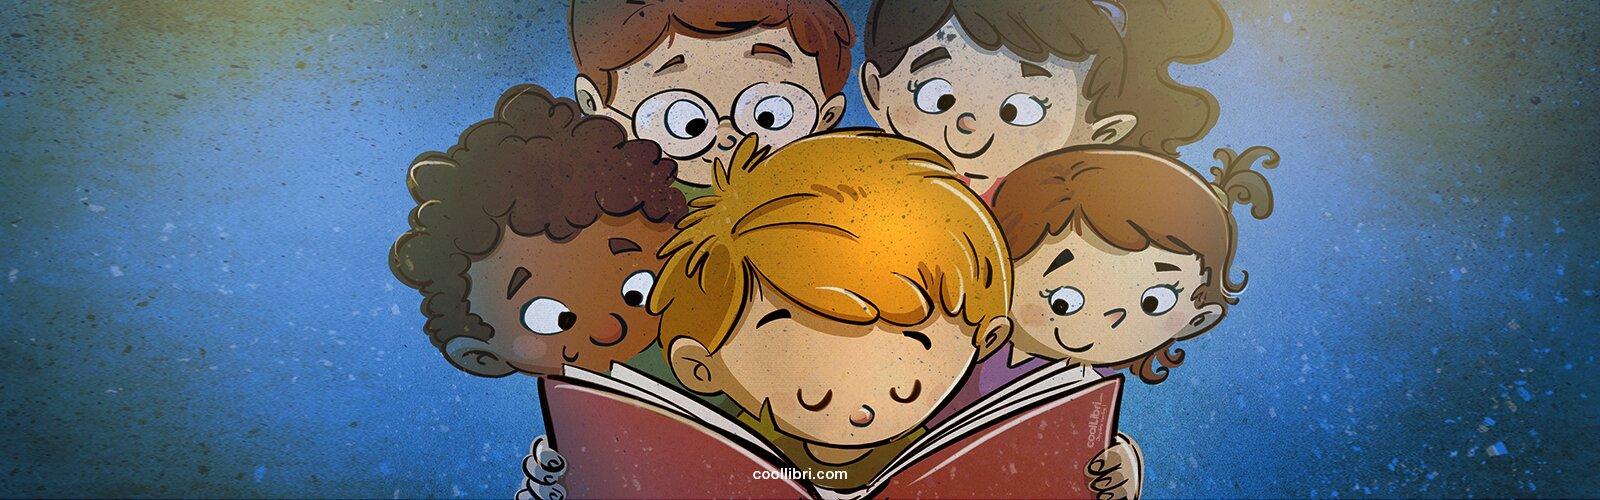 60e45d50ae974 Mode d'emploi : comment écrire un livre pour enfant ?